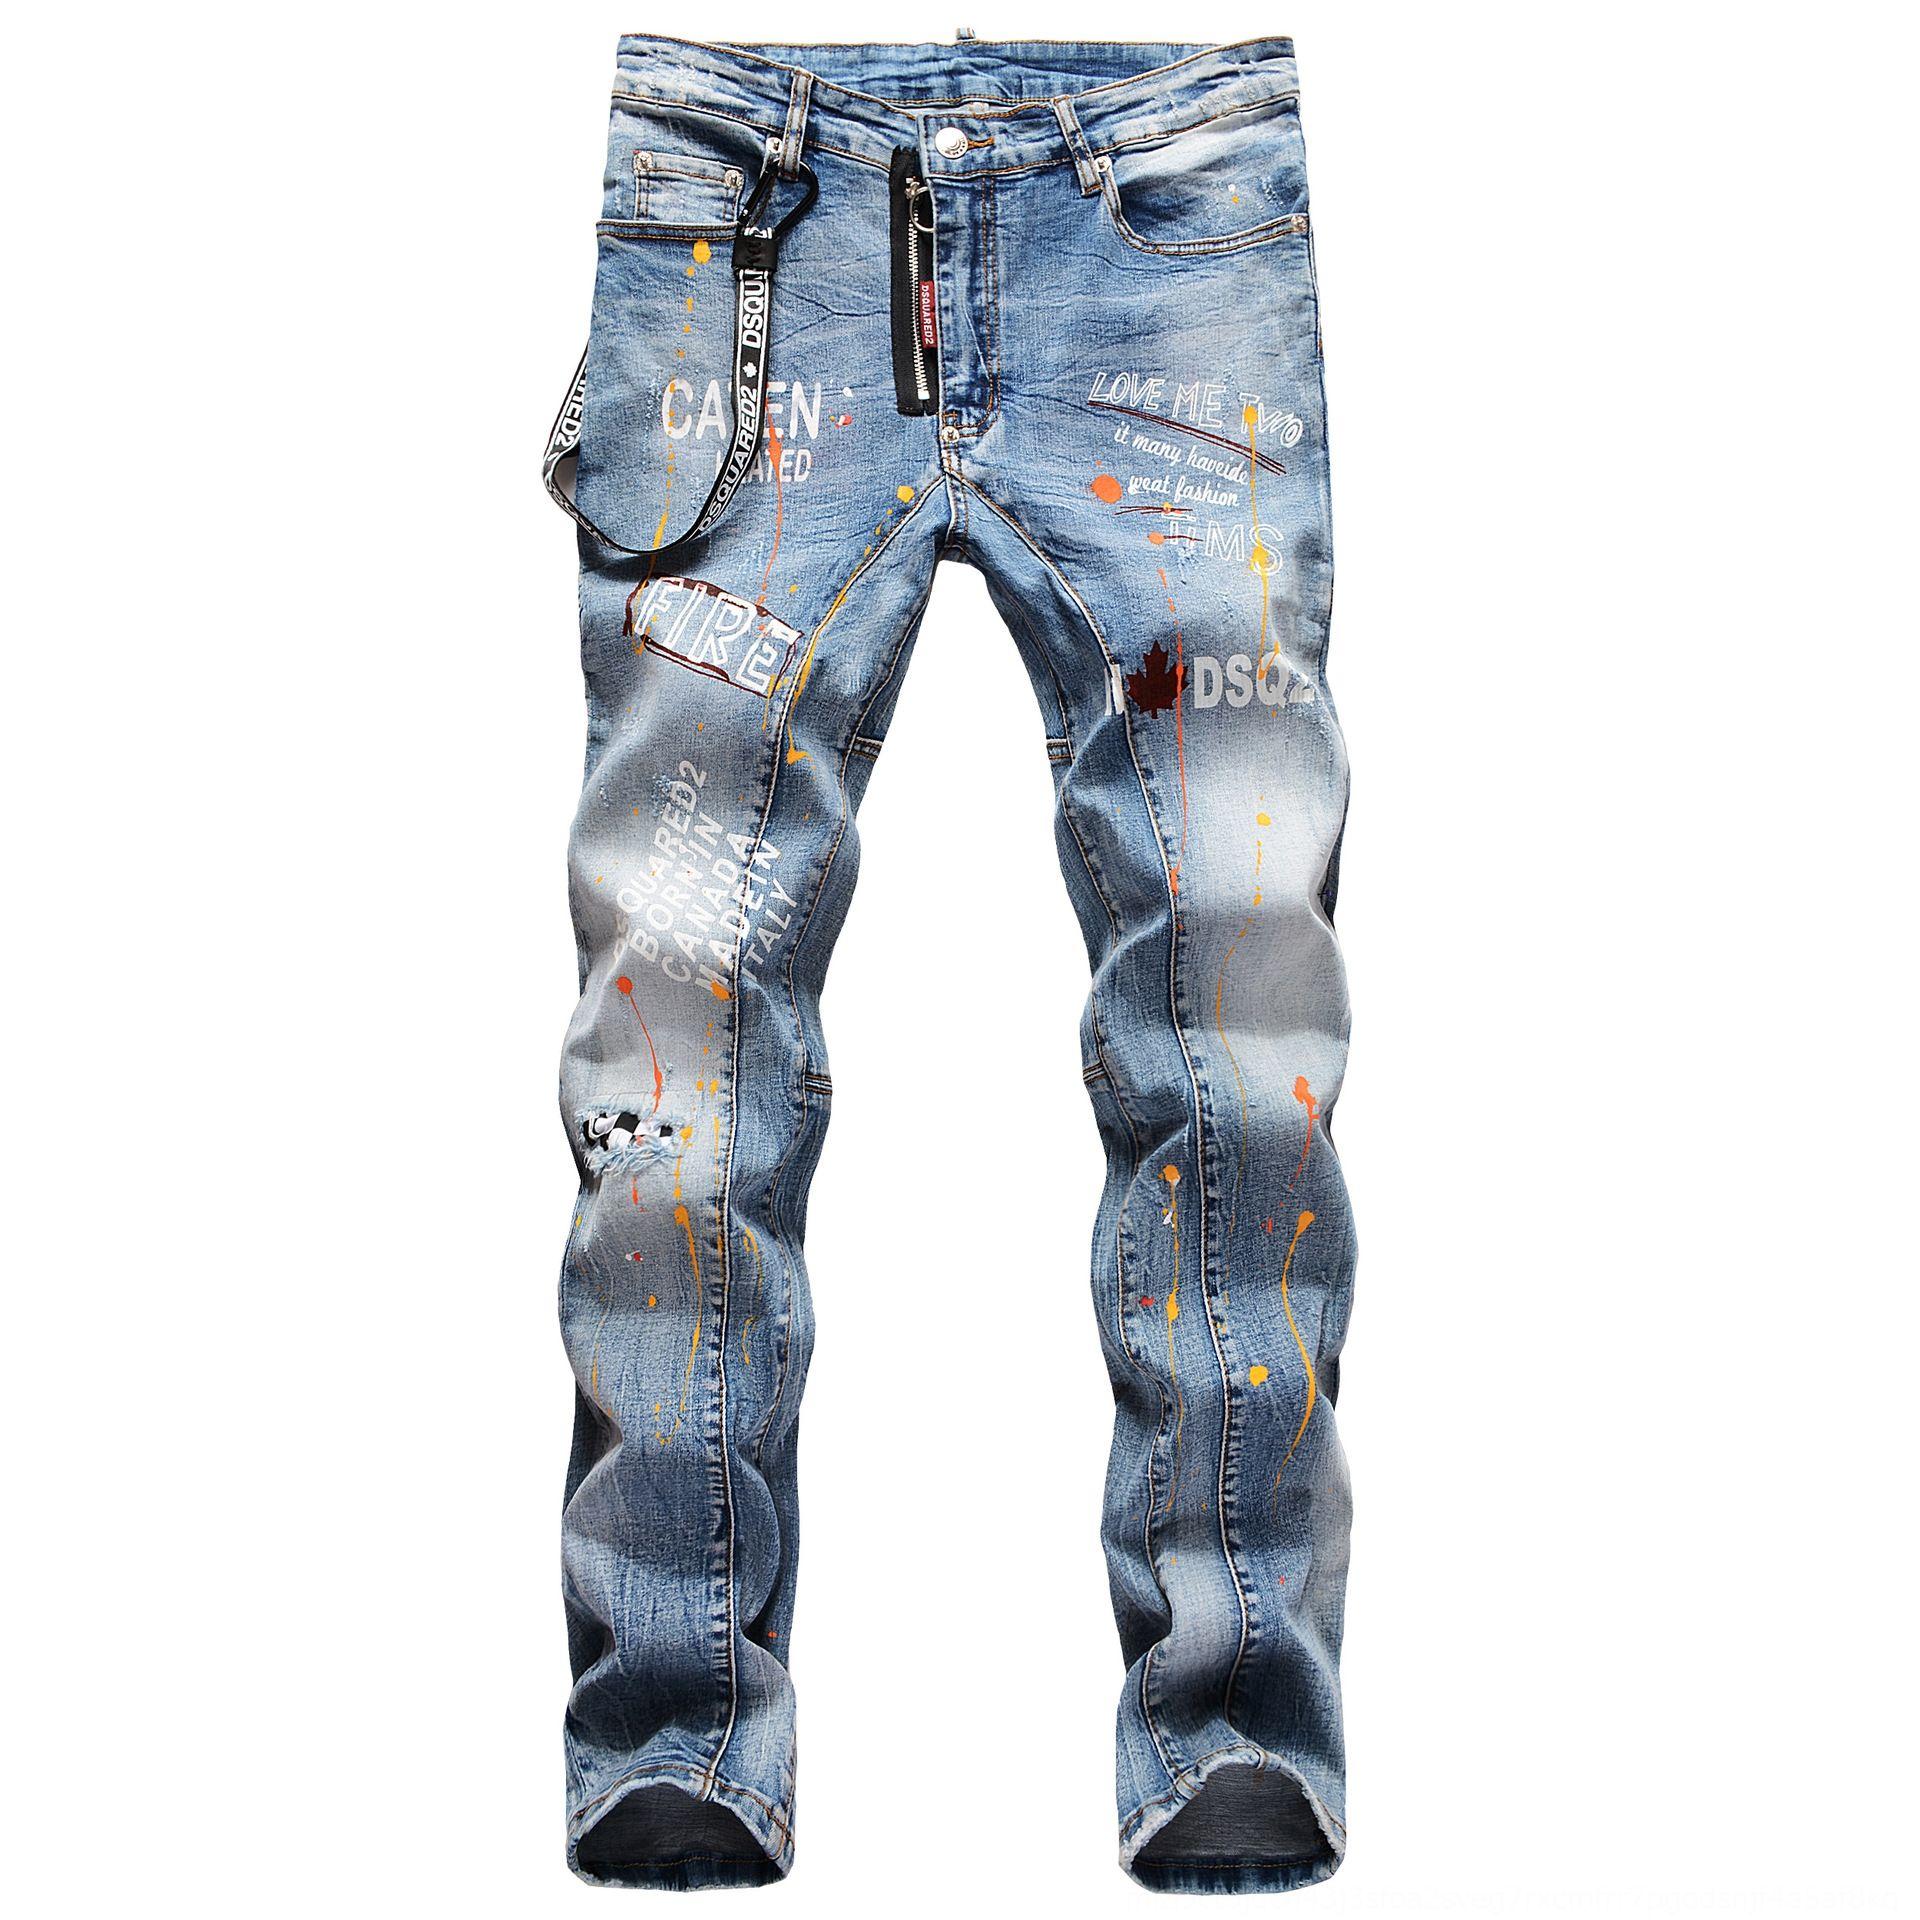 los pantalones vaqueros bordados agujero de impresión elástico 3D italiana decoración cordón marca de moda y jeansEmbroidered pintados a jeanshand pintura je recta